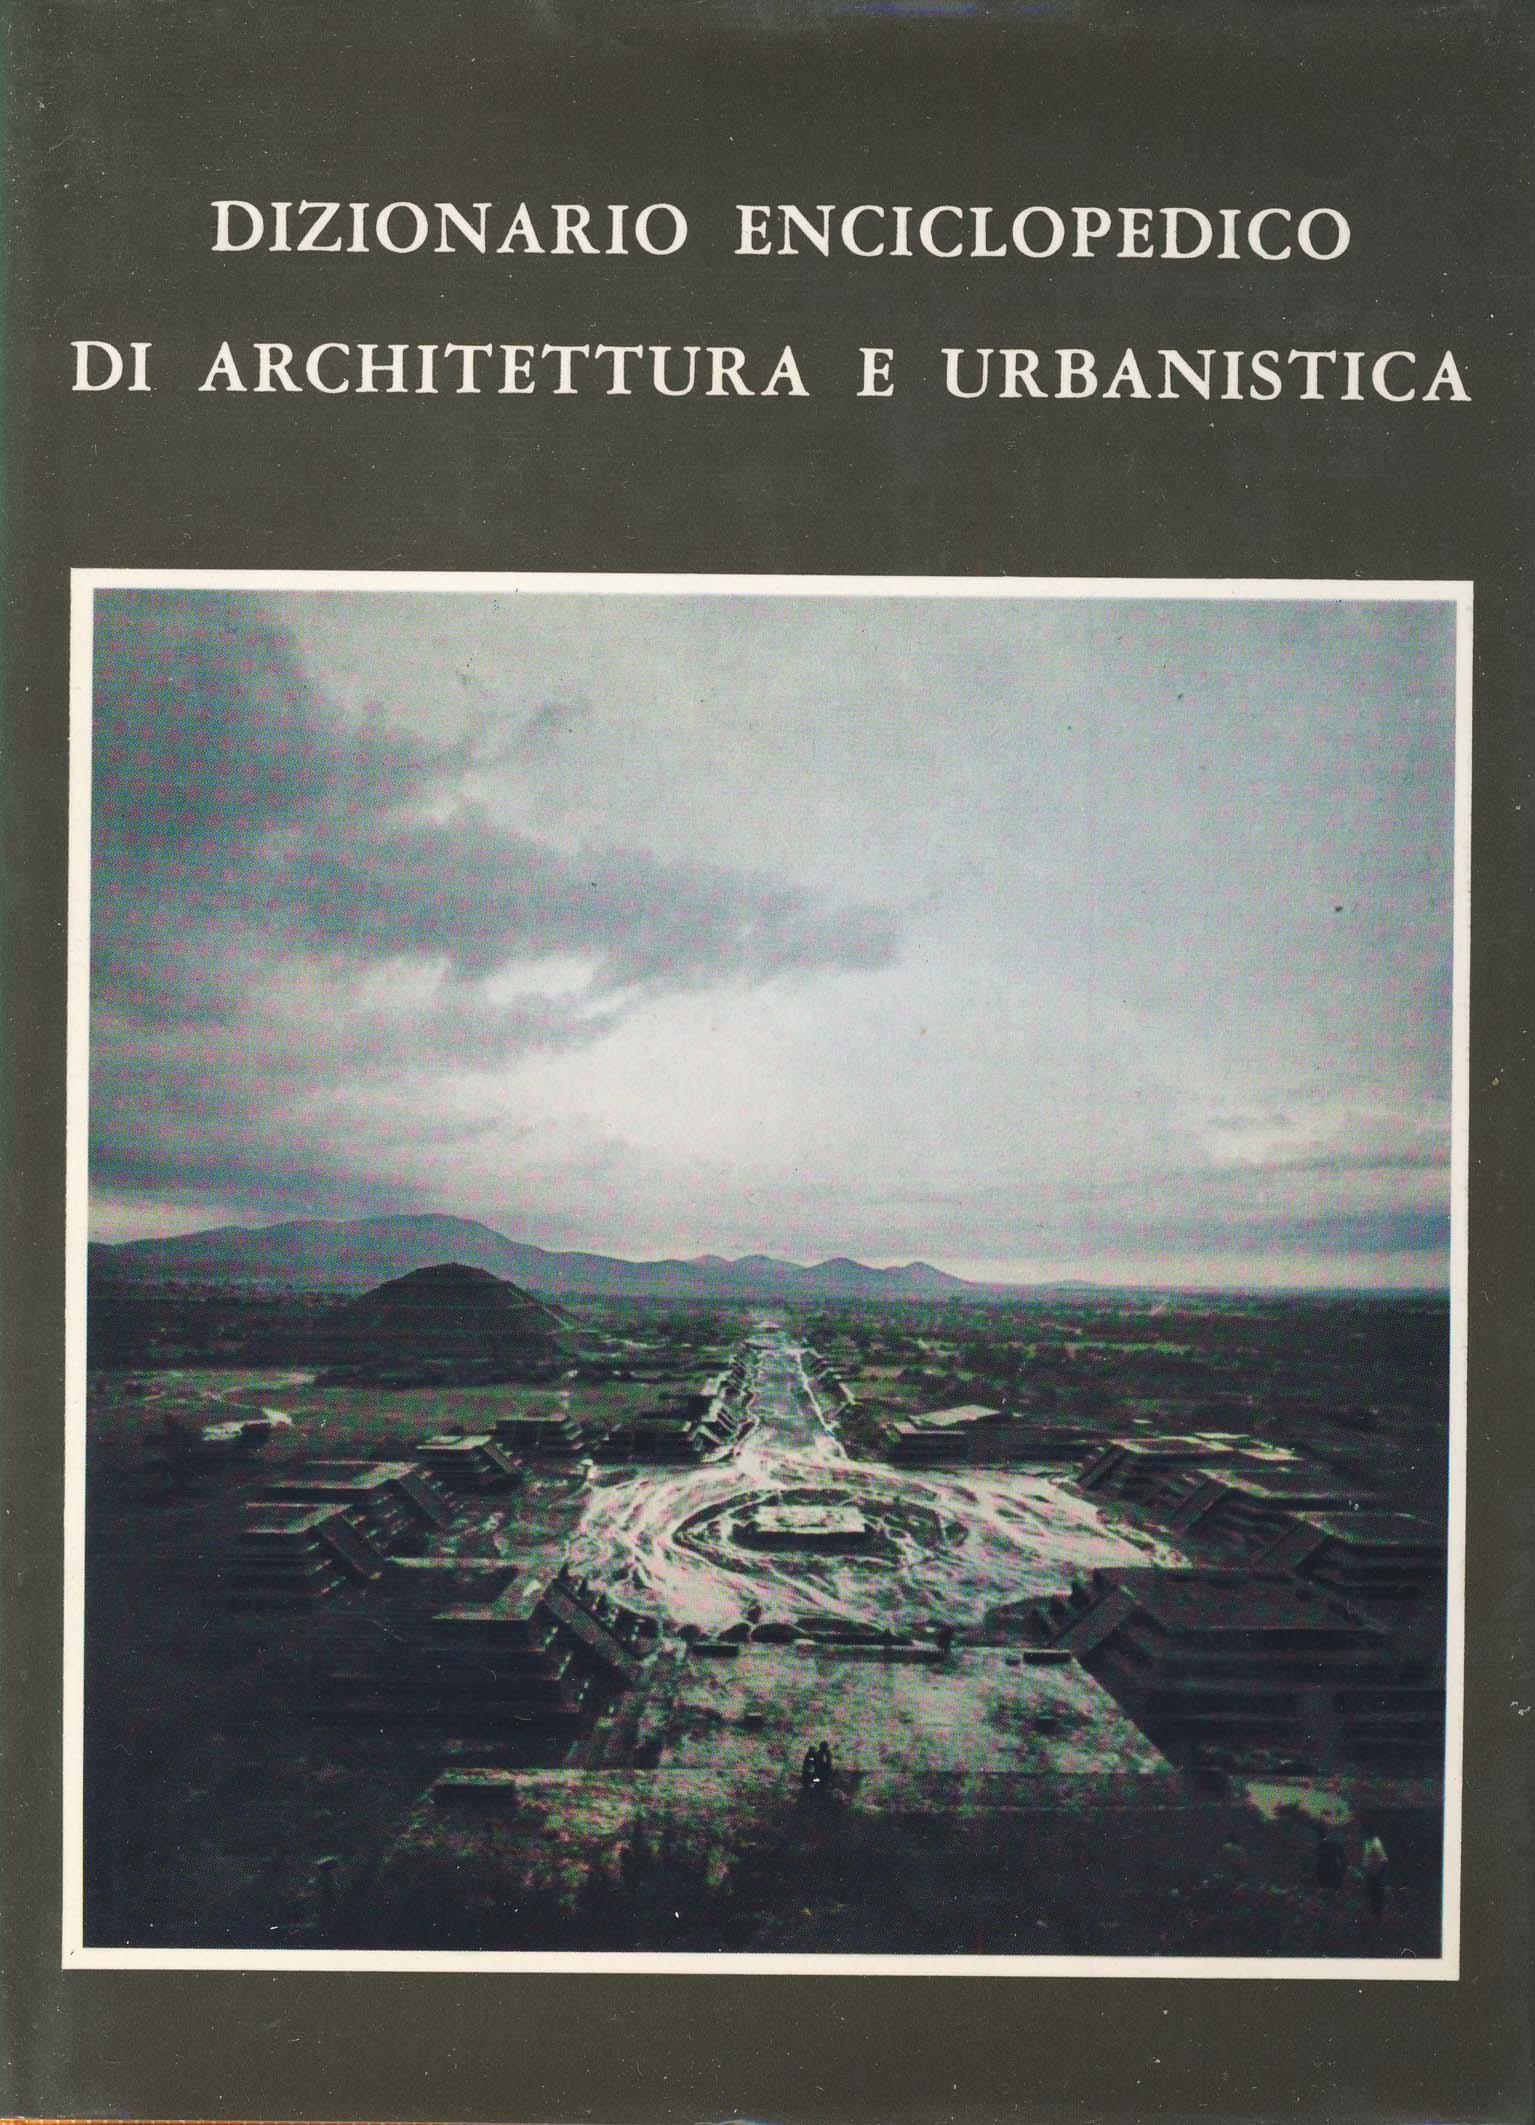 Dizionario enciclopedico di architettura e urbanistica - vol. V